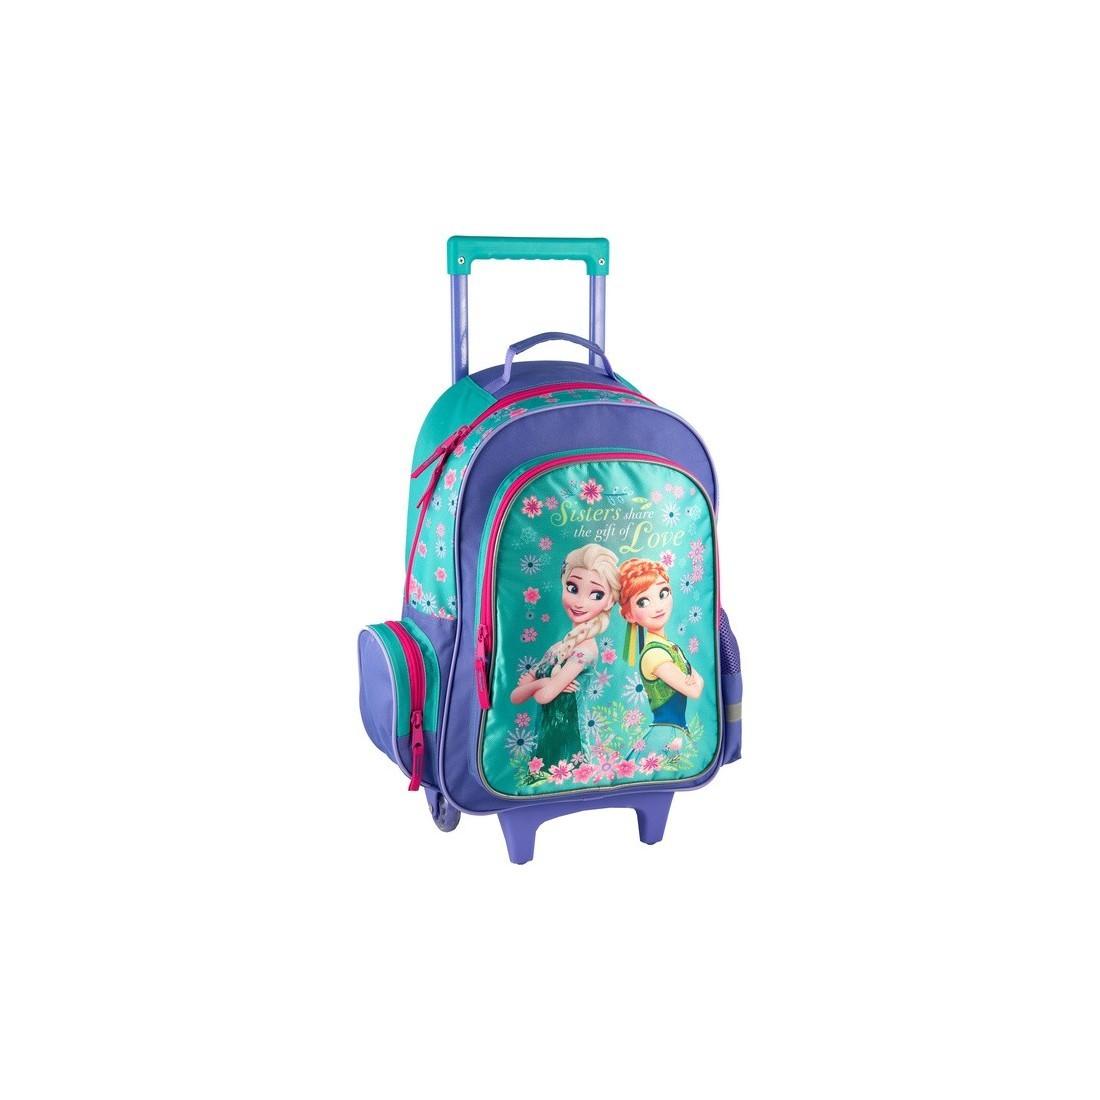 Plecak na kółkach Frozen - plecak-tornister.pl